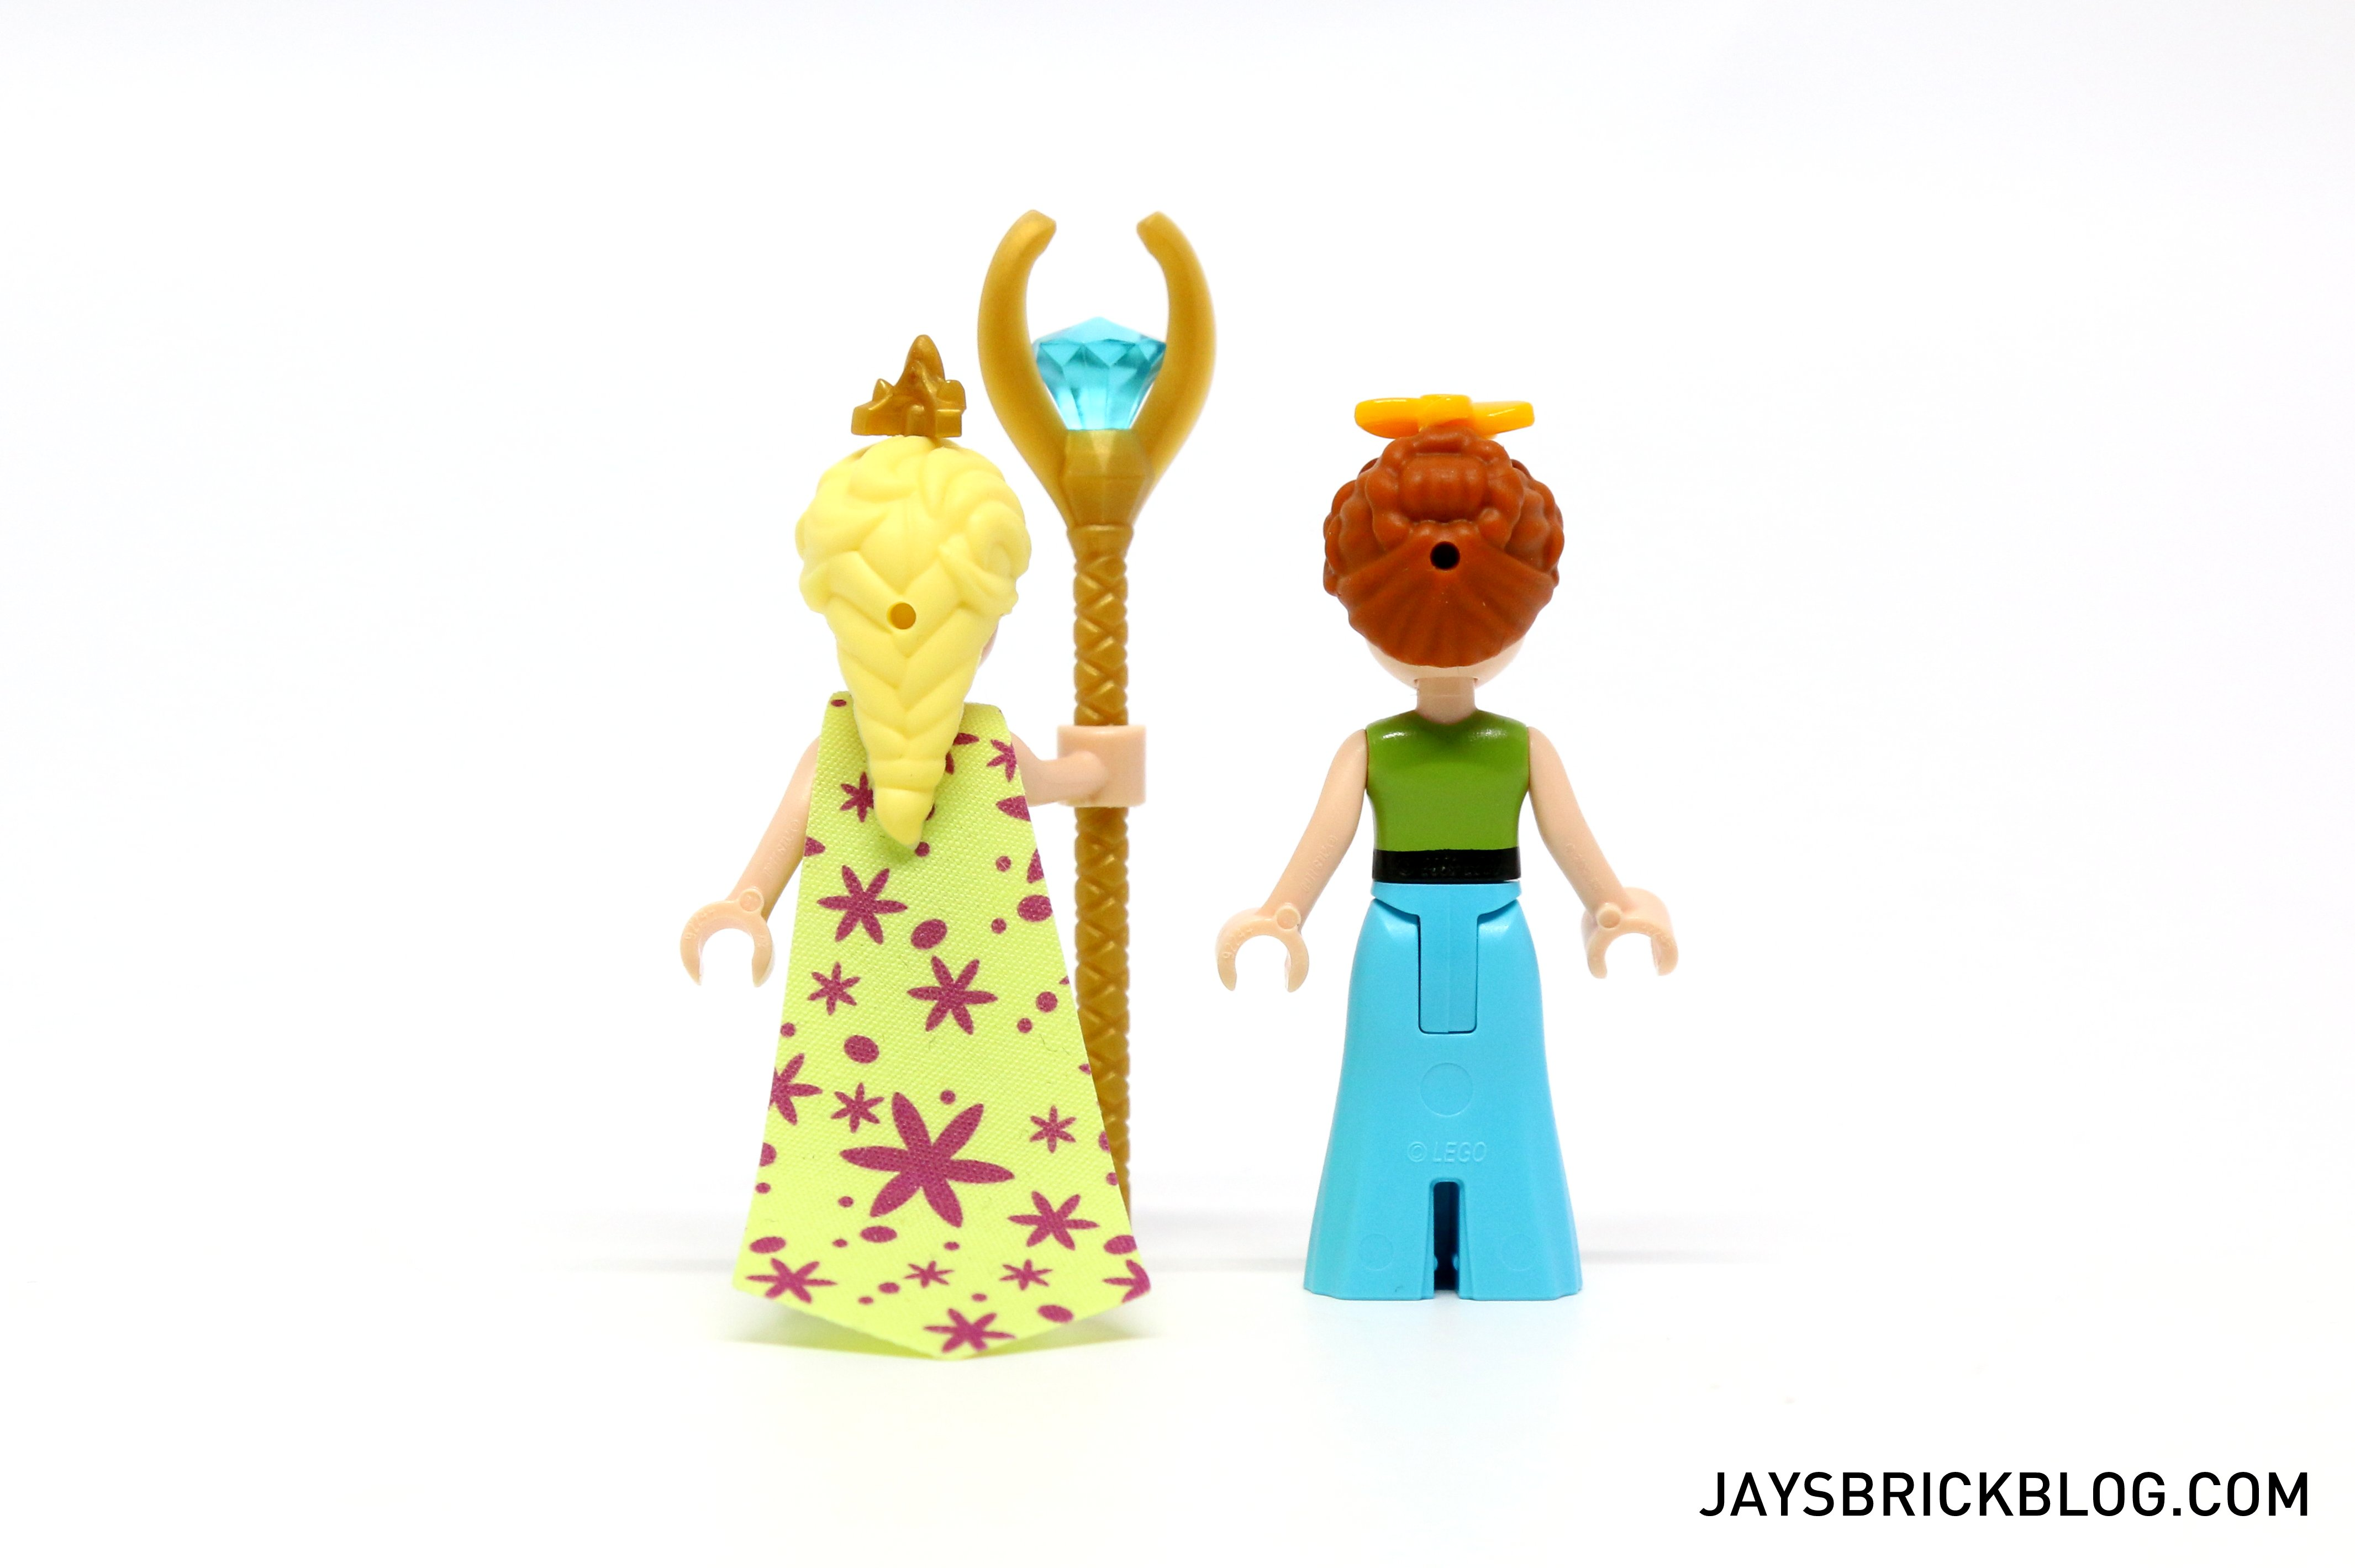 Review Lego 41068 Arendelle Castle Celebration Jays Brick Blog